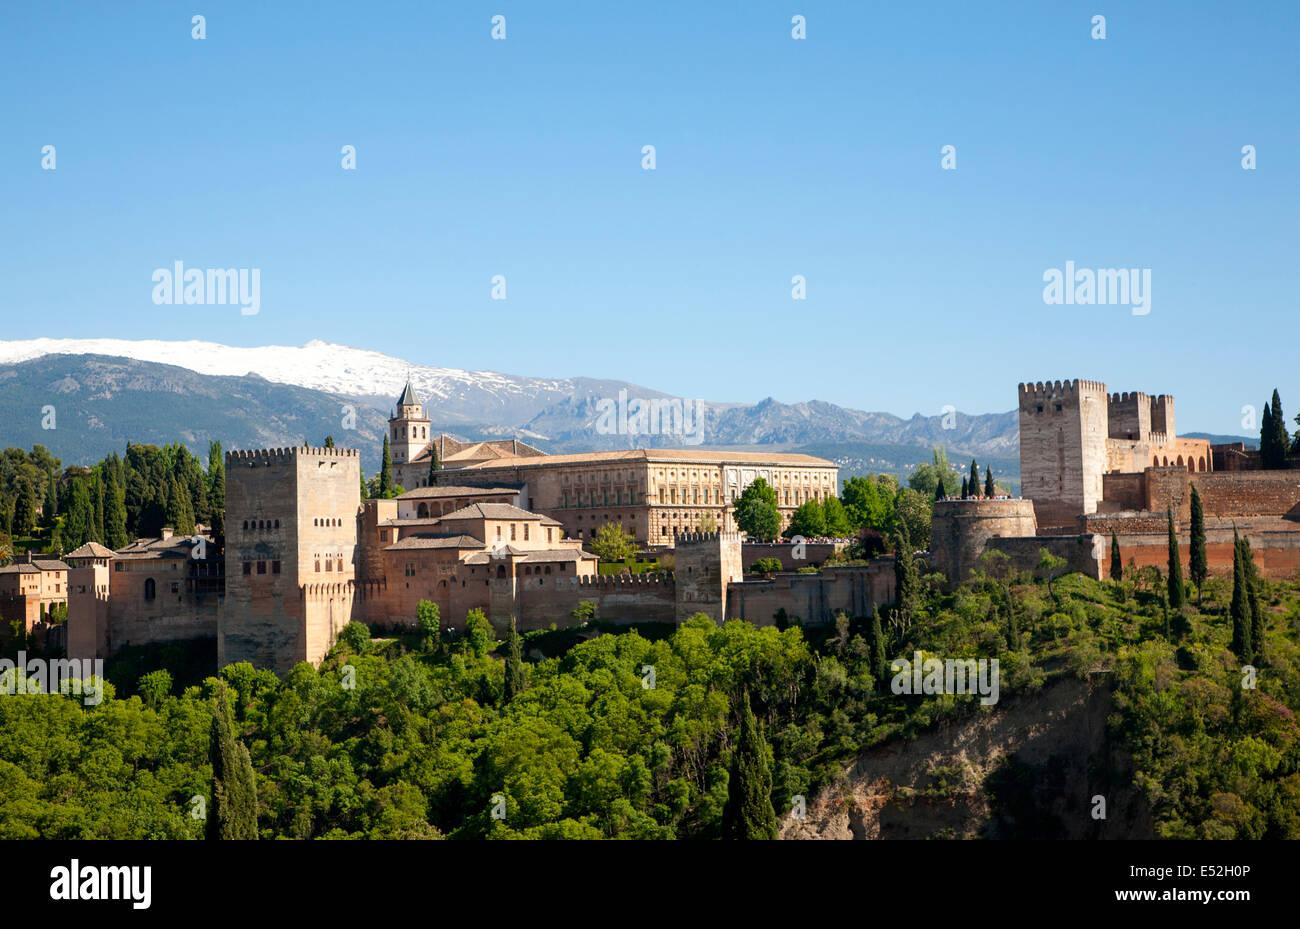 Sommets enneigés de la Sierra Nevada et l'Alhambra, Grenade, Espagne Photo Stock